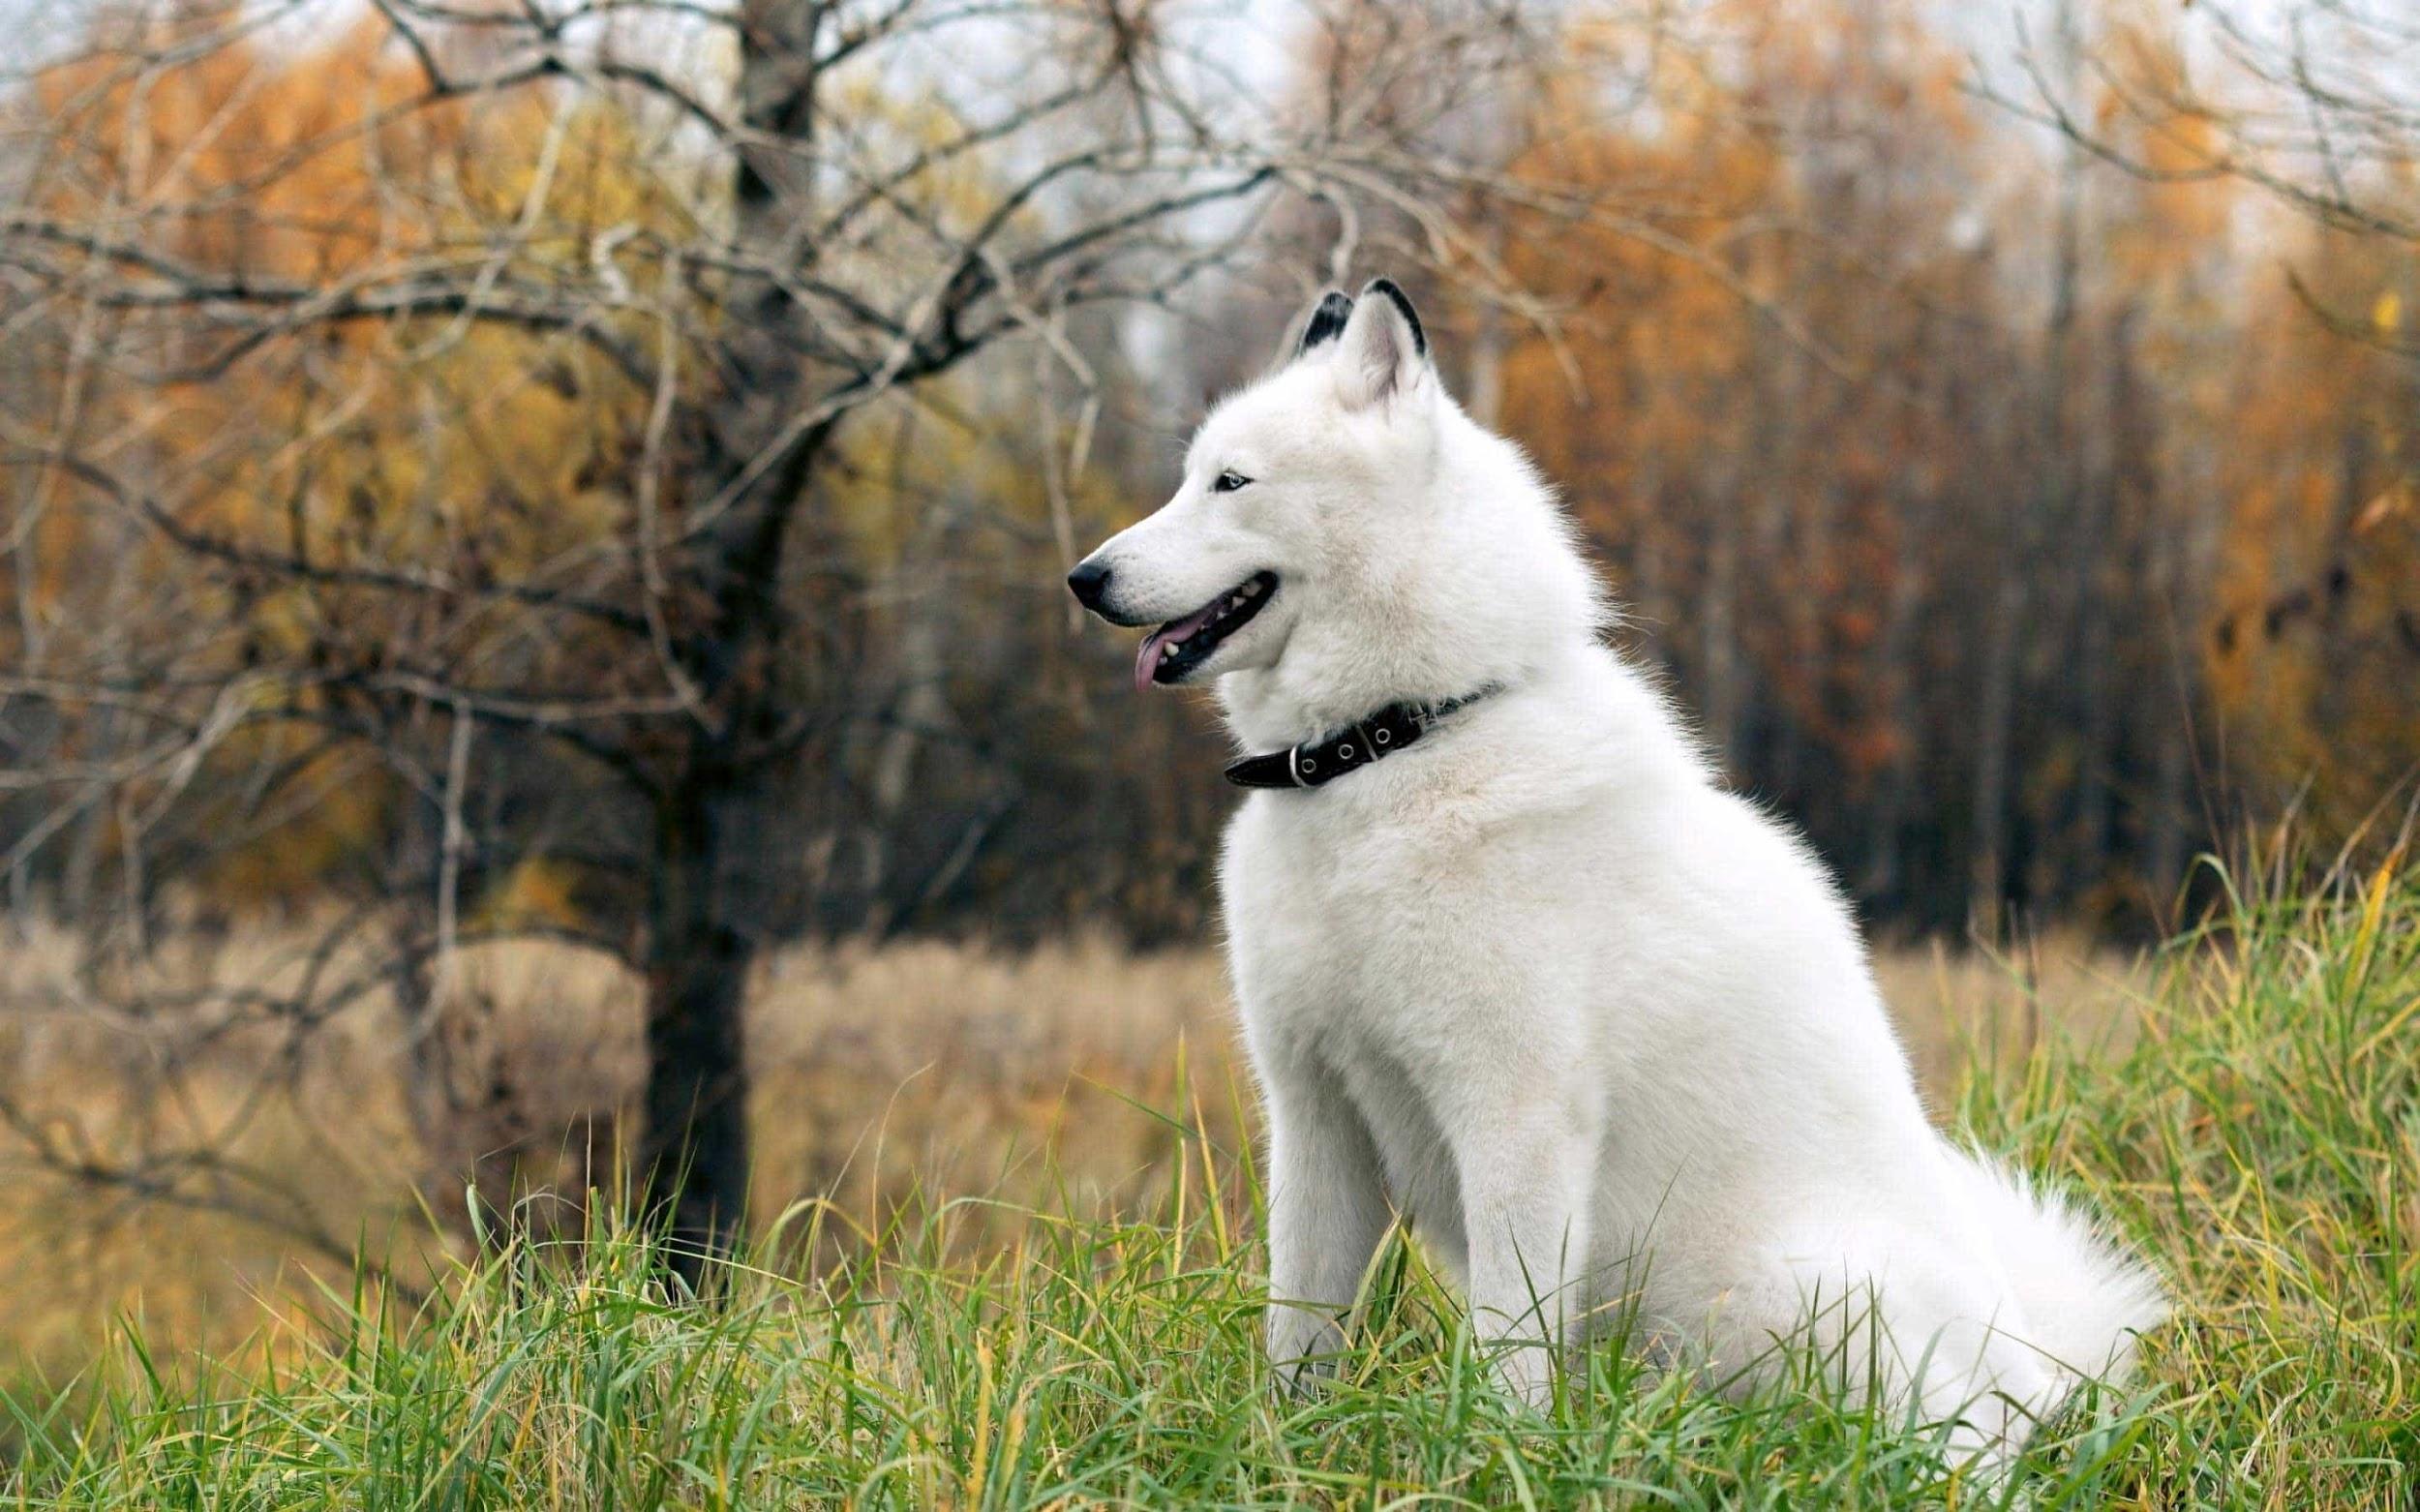 Giá chó Alaska màu trắng tuyết cao hơn các màu còn lại